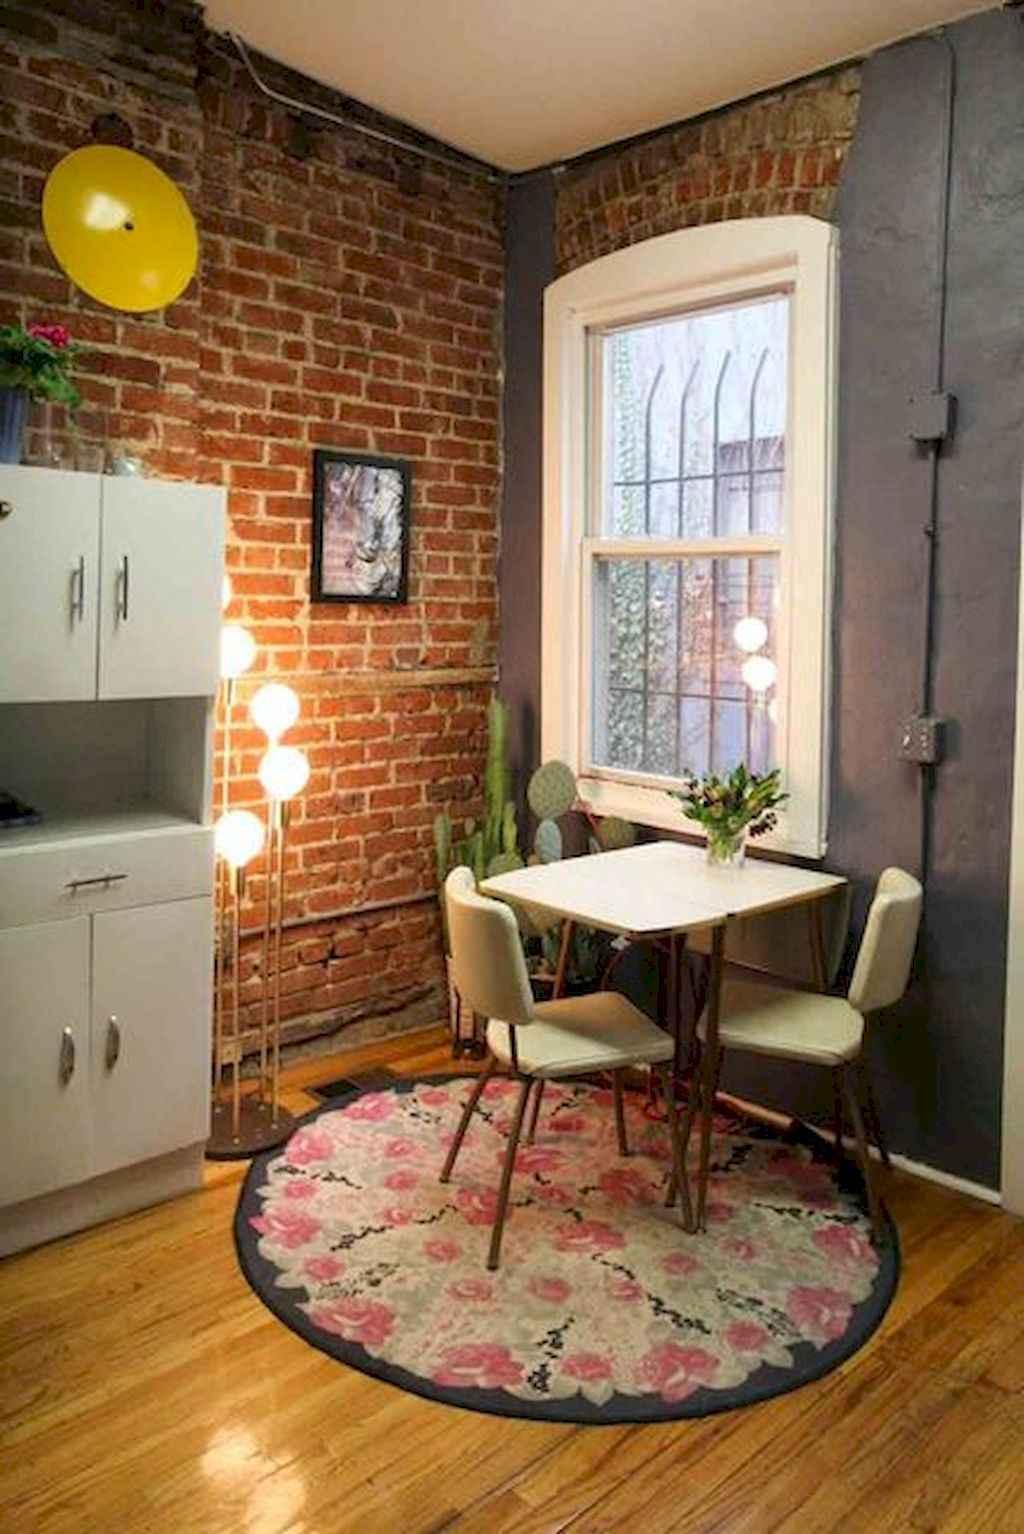 40 Genius Studio Apartment Ideas Decorating On A Budget